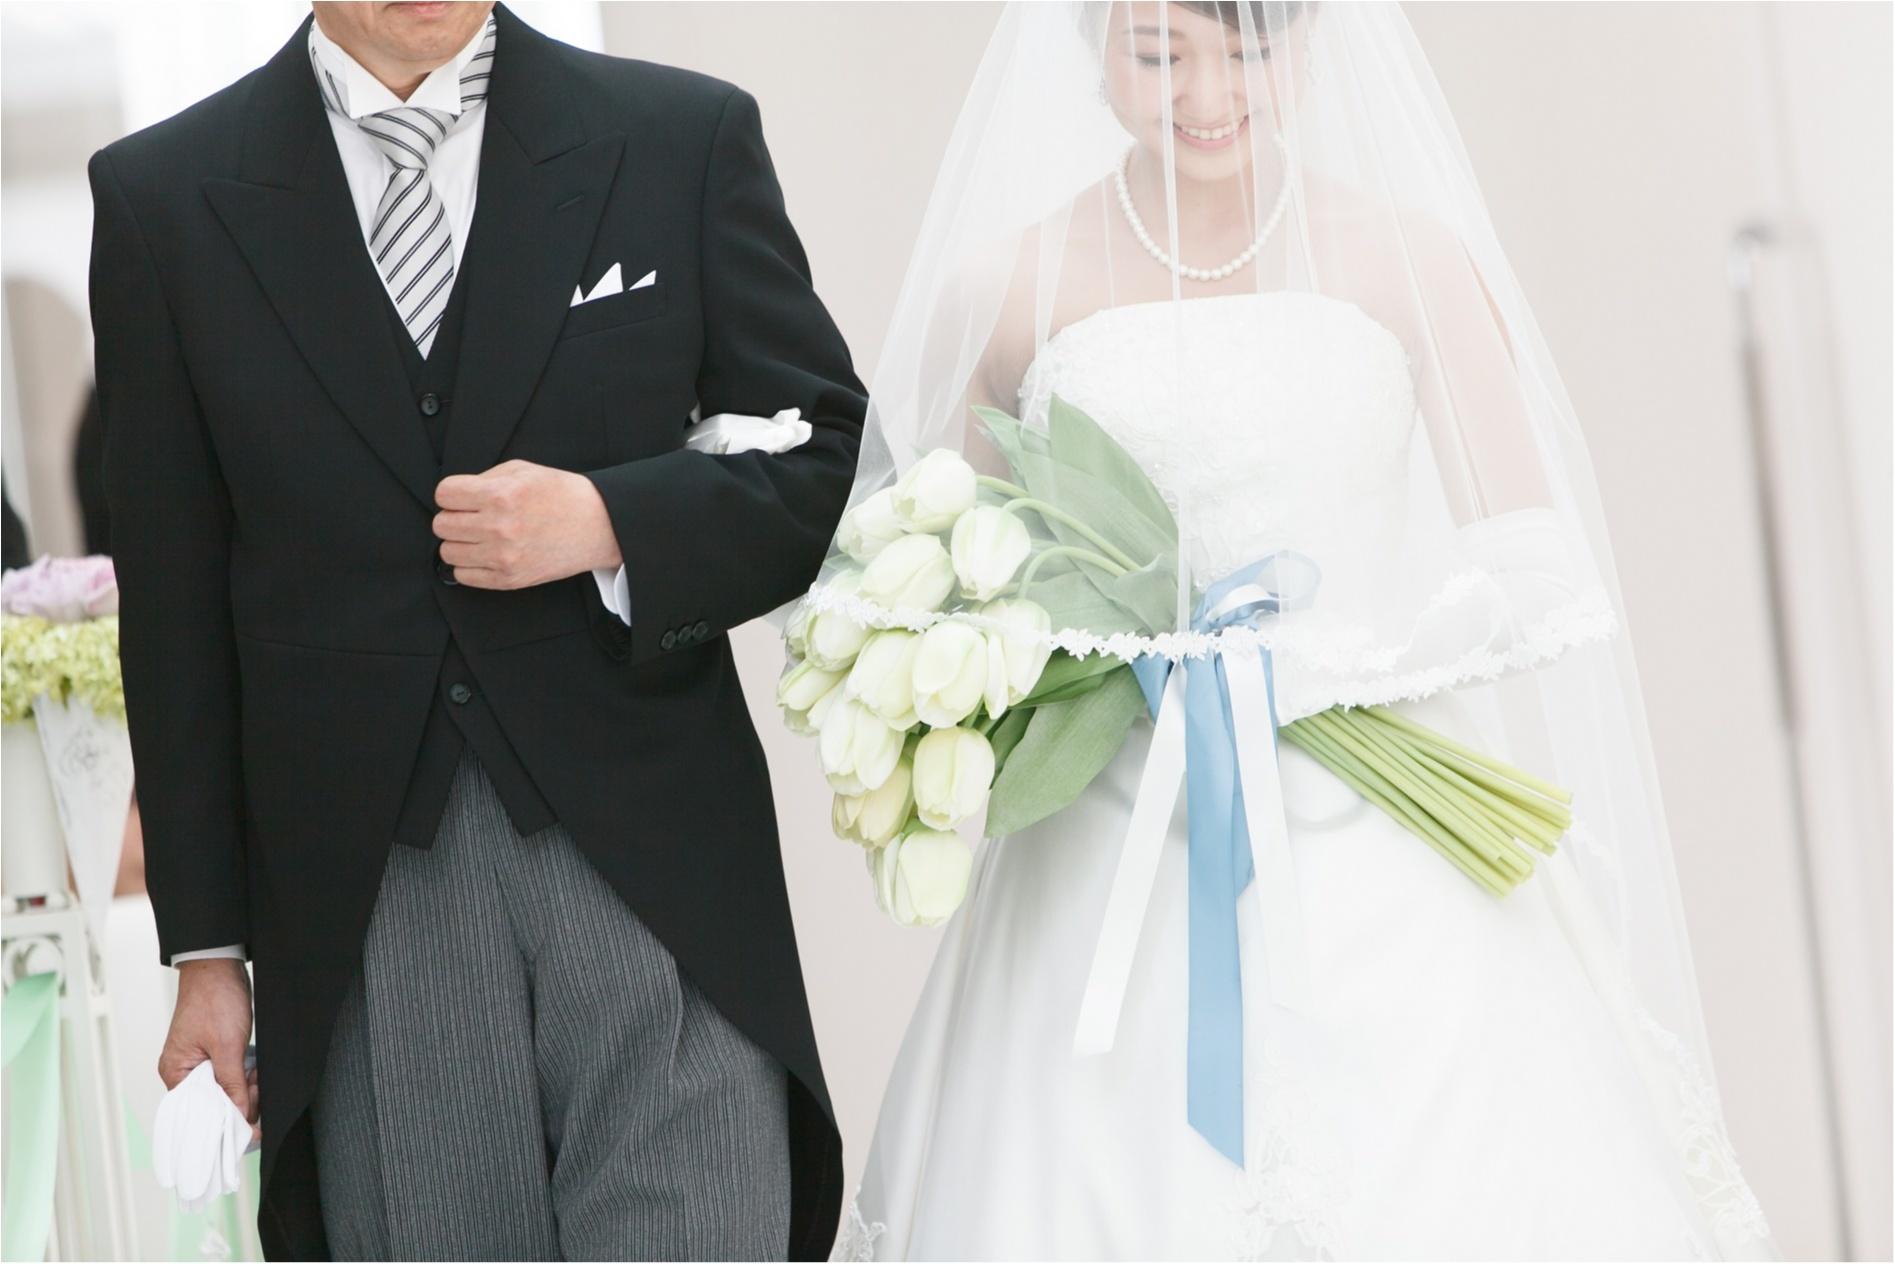 【2】都心のど真ん中で独立型チャペルでの挙式が叶う!#さち婚_5